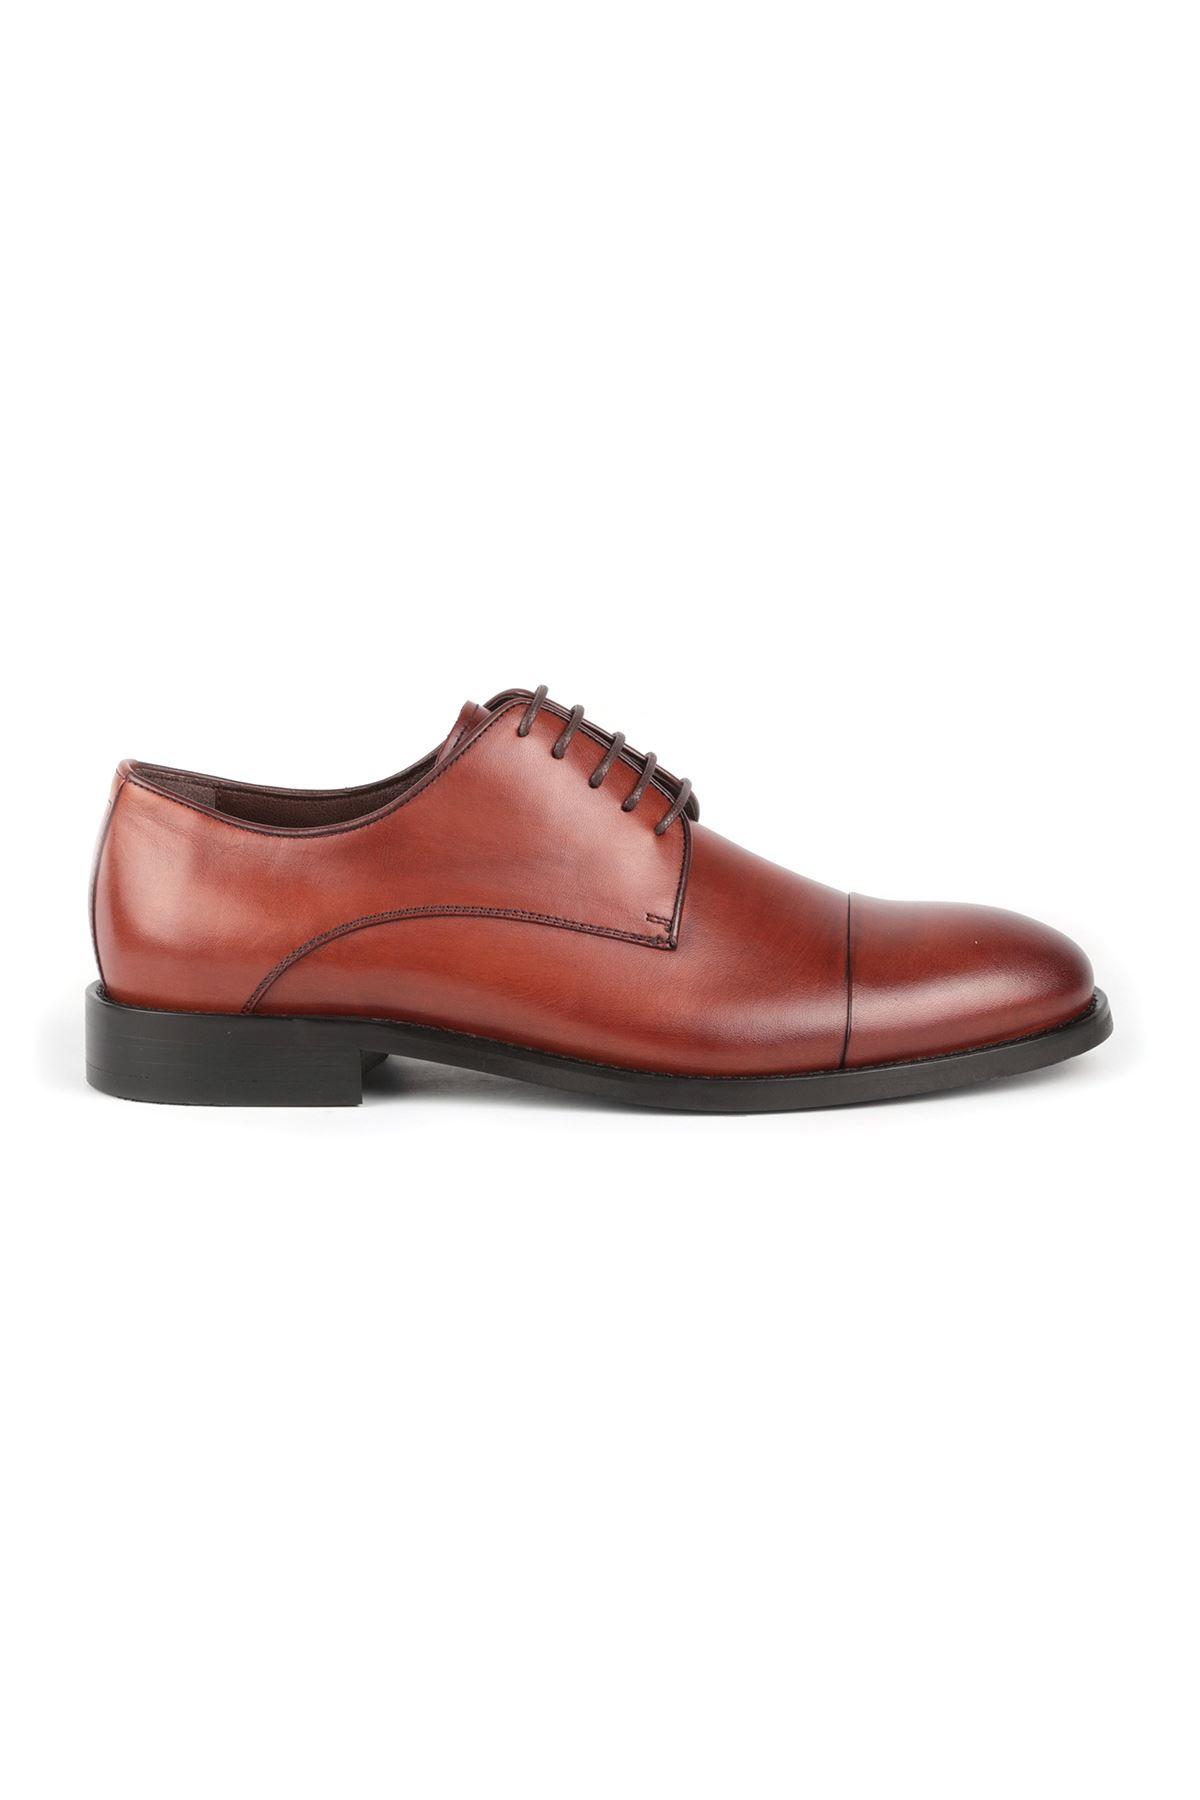 Libero L3560 Tan Classic Shoes